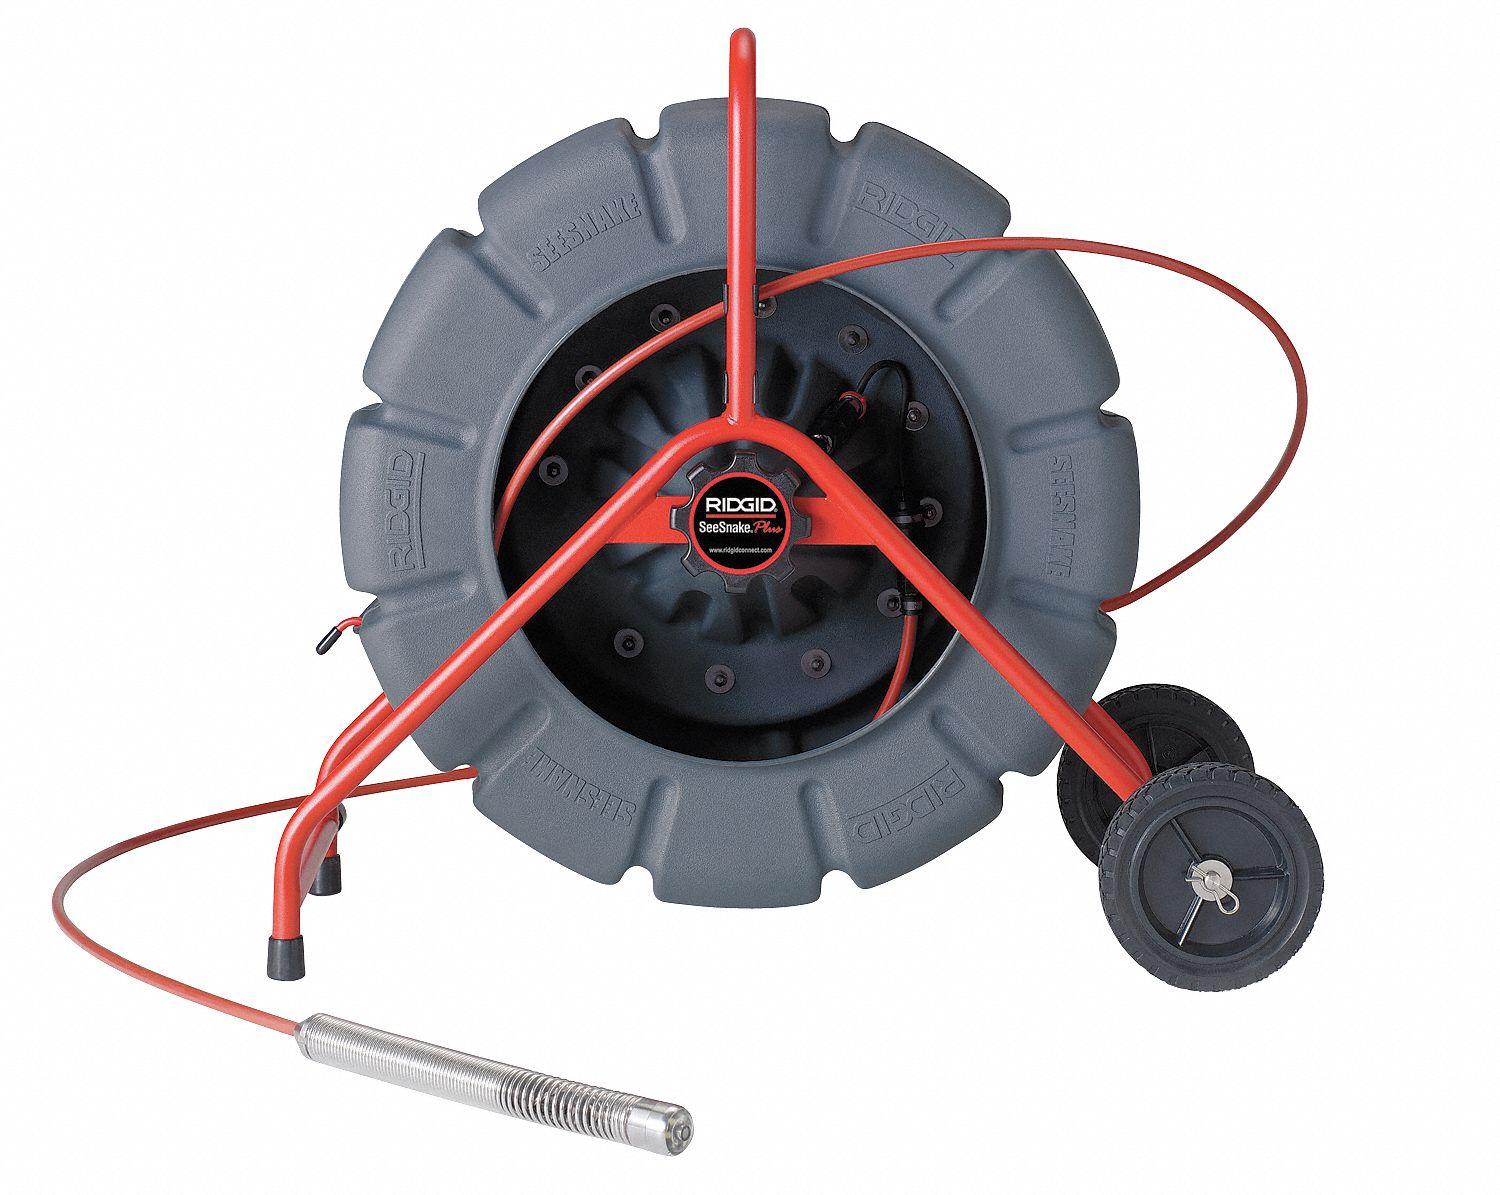 ridgid pipe inspection camera reel color 325 ft 6pfe0 13998 grainger. Black Bedroom Furniture Sets. Home Design Ideas